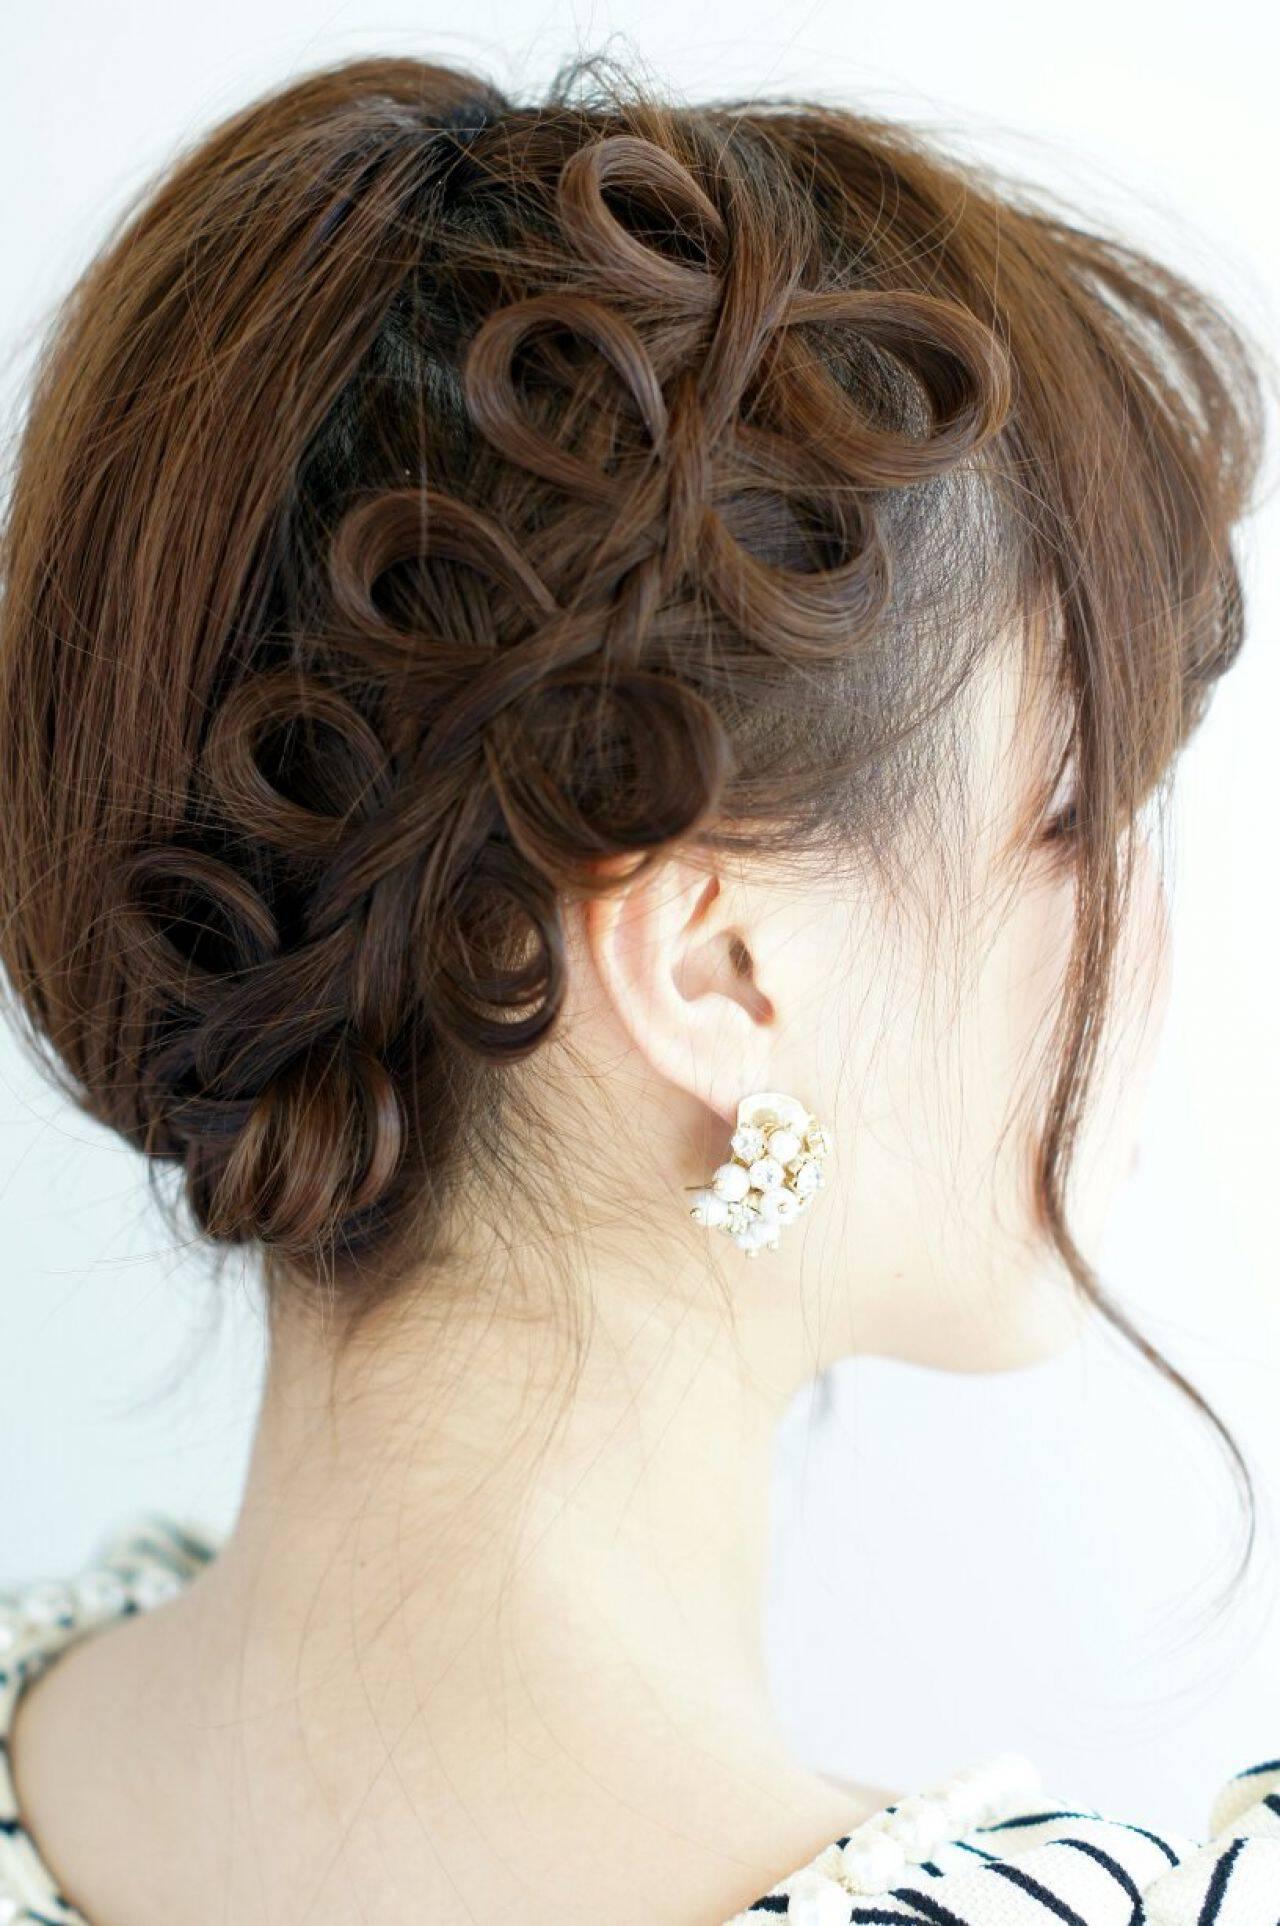 パーティ ナチュラル 編み込み ヘアアレンジヘアスタイルや髪型の写真・画像